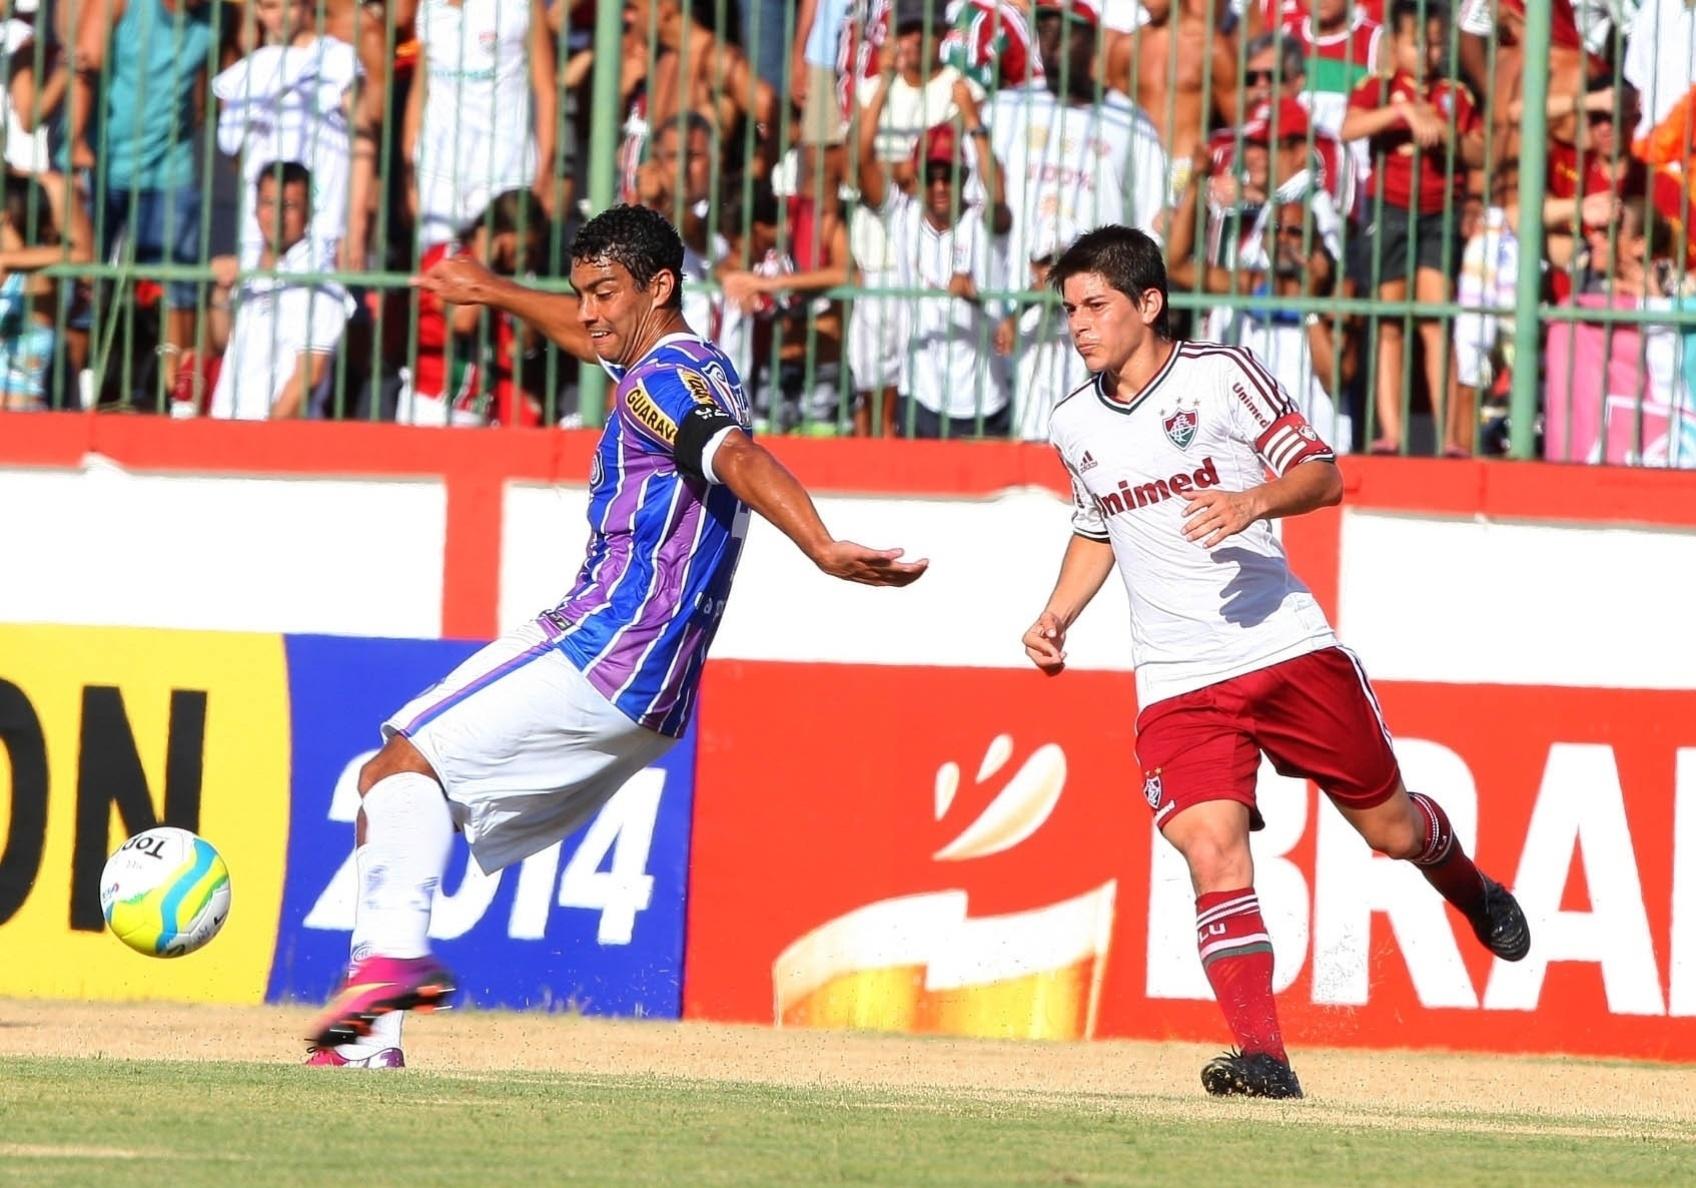 18.01.14 - Conca disputa bola com atleta do Madureira